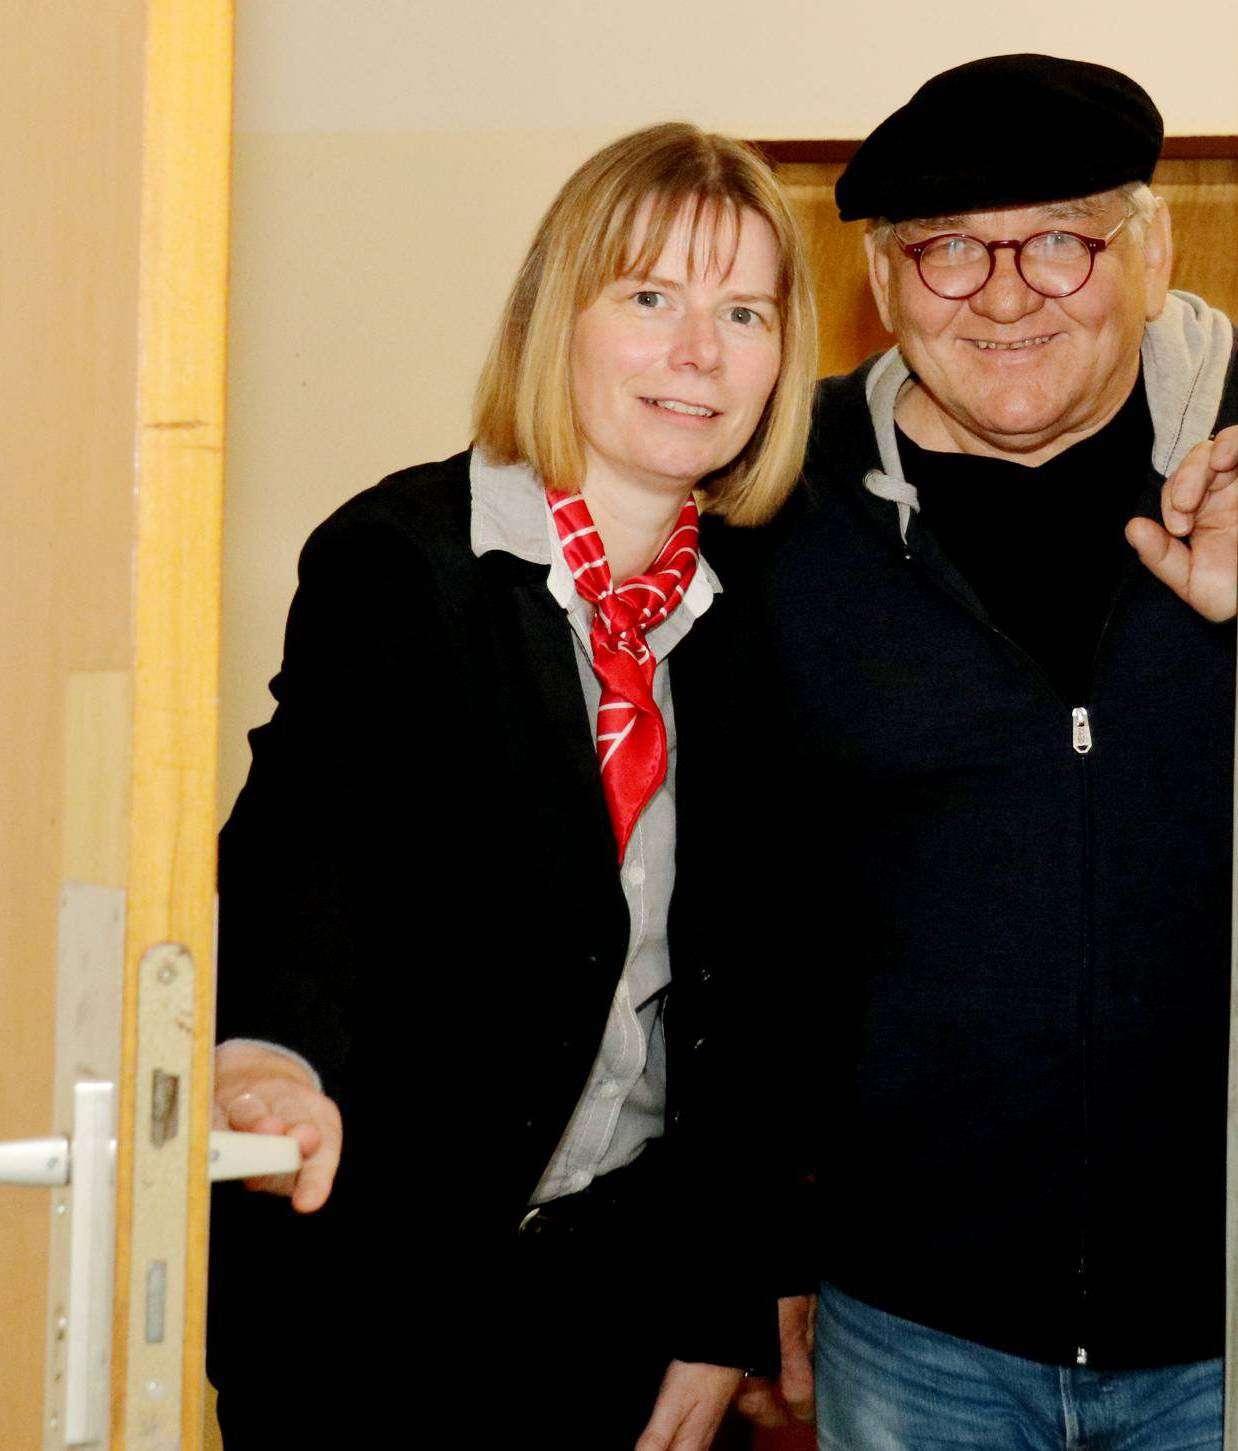 Zwischen dem 1. und 24. Dezember öffnen sich im Artoutlet auf dem Gewerbecampus die Türen zu den einzelnen Ateliers. Gerit Tamke-Heinrich und Willi Reichert machen schon einmal einen Probedurchgang. Foto: Nina Baucke